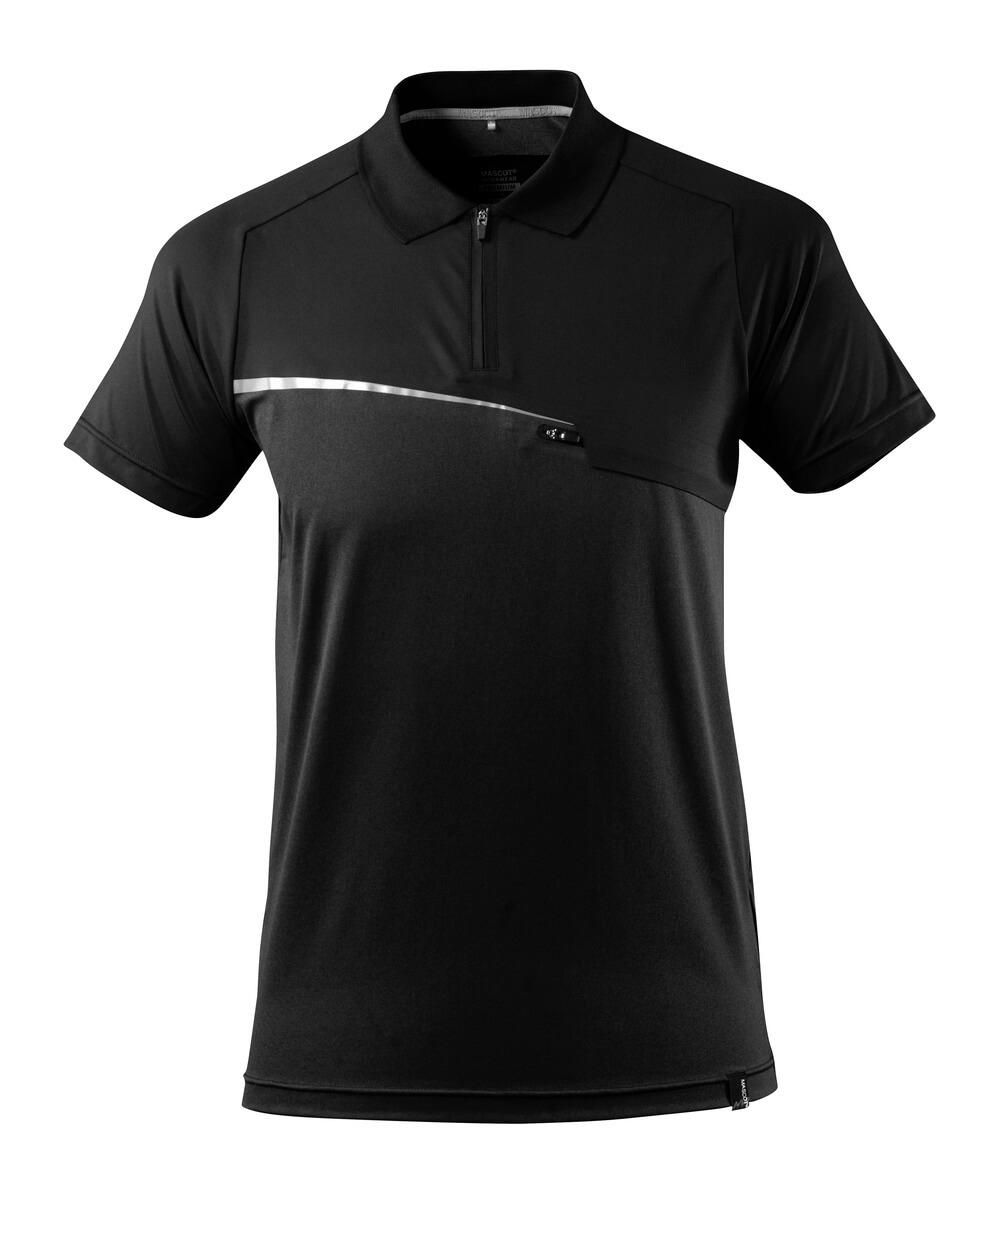 17283-945-09 Koszulka Polo z kieszenią na piersi - czerń